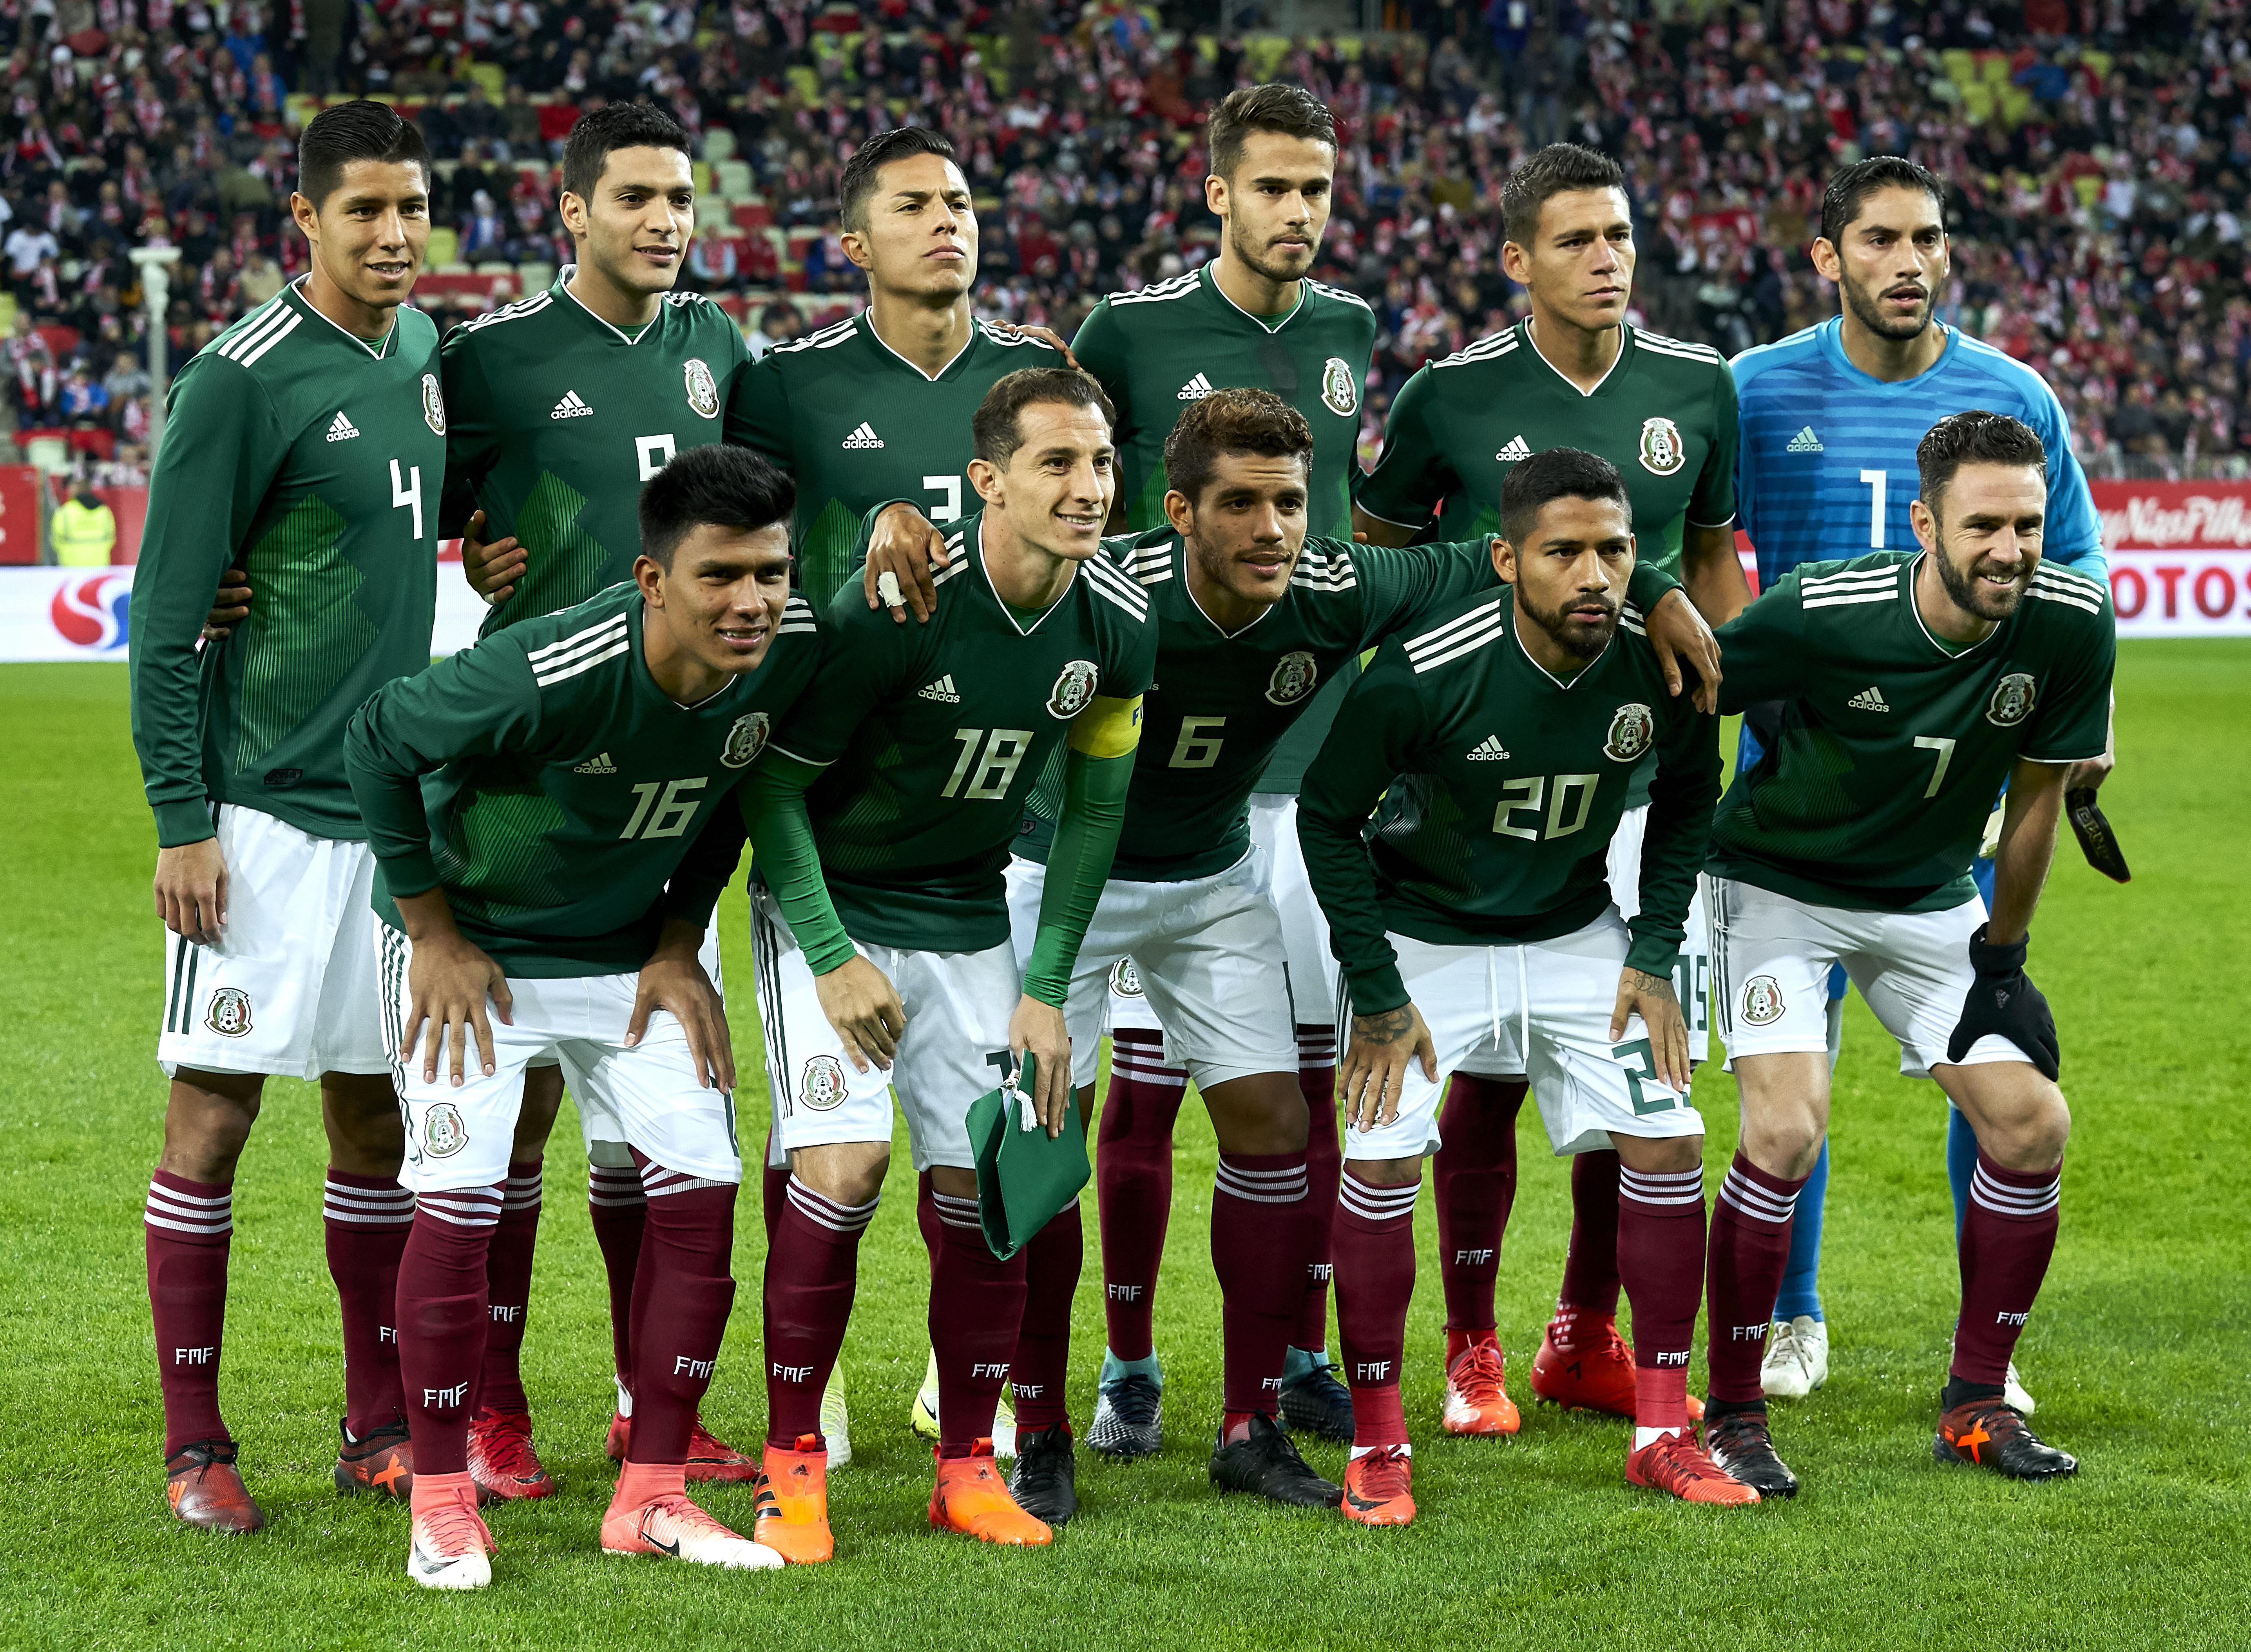 Juan Carlos Osorio, Quién falta, Quién sobra, Selección Mexicana, Partidos Amistosos, Rusia 2018, Convocatoria, Entrenador, Lista